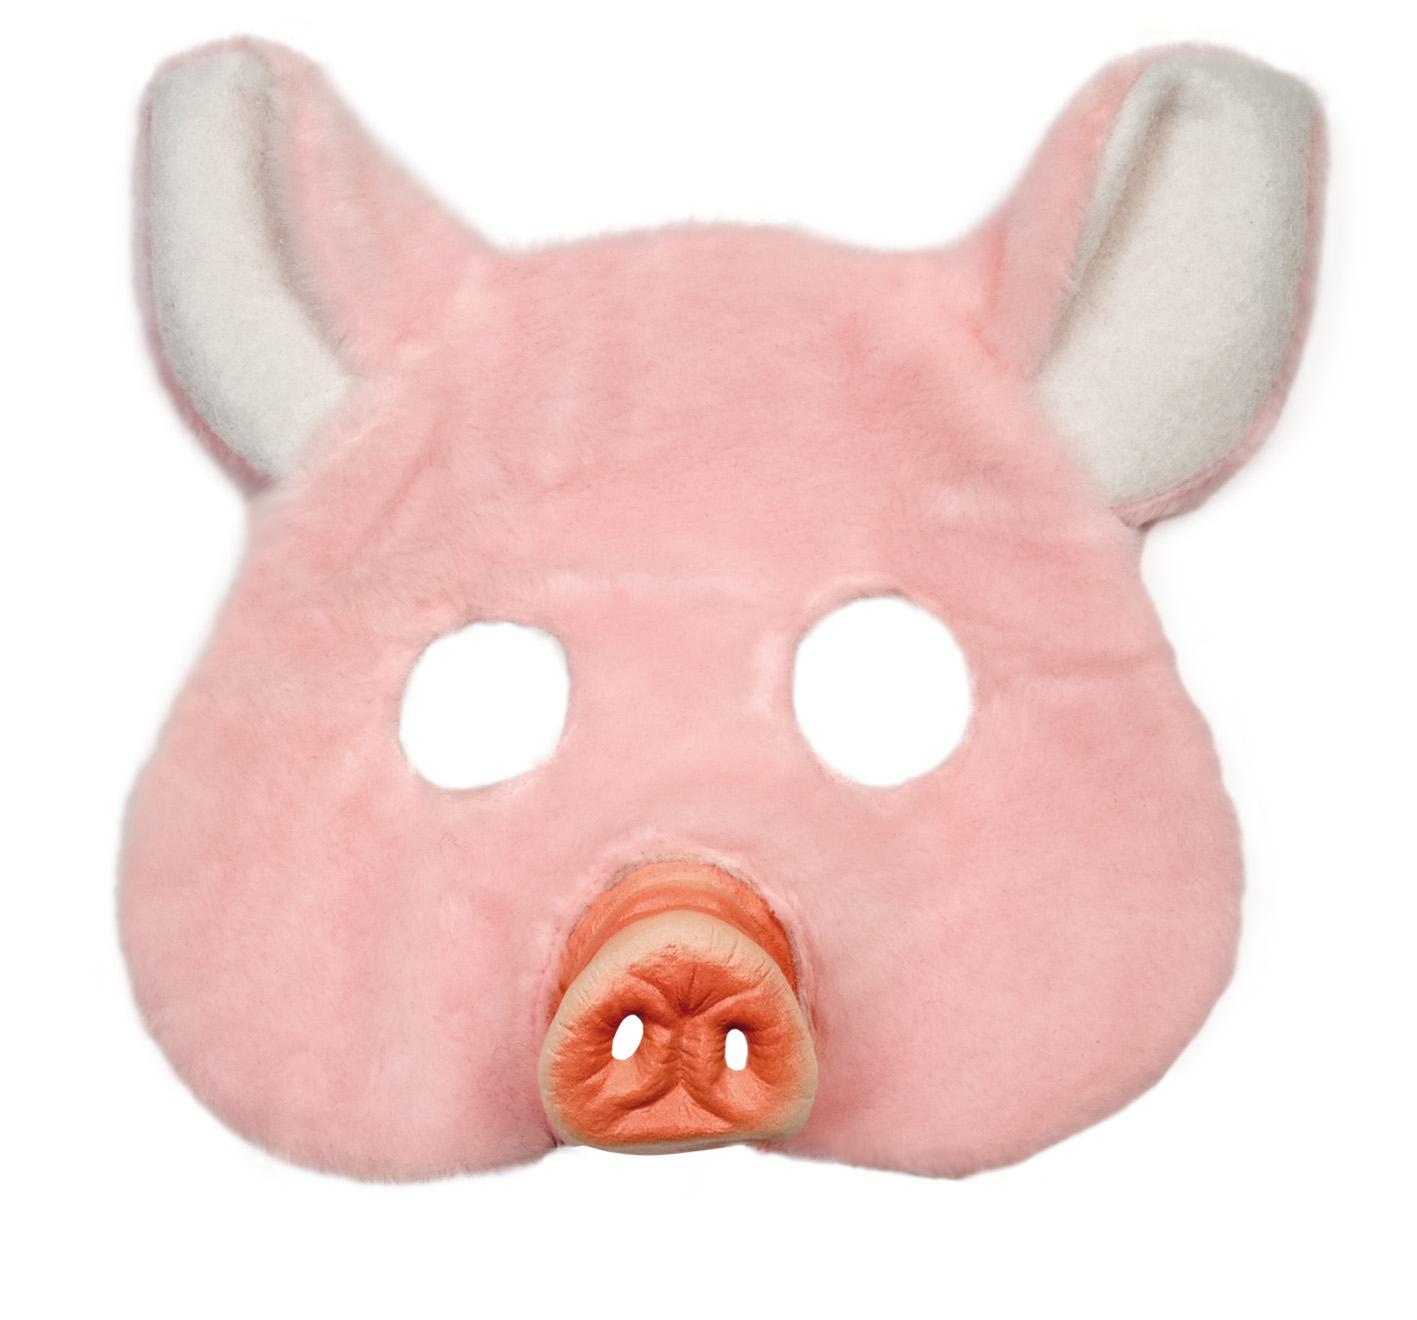 schwein maske f r erwachsene masken und g nstige. Black Bedroom Furniture Sets. Home Design Ideas